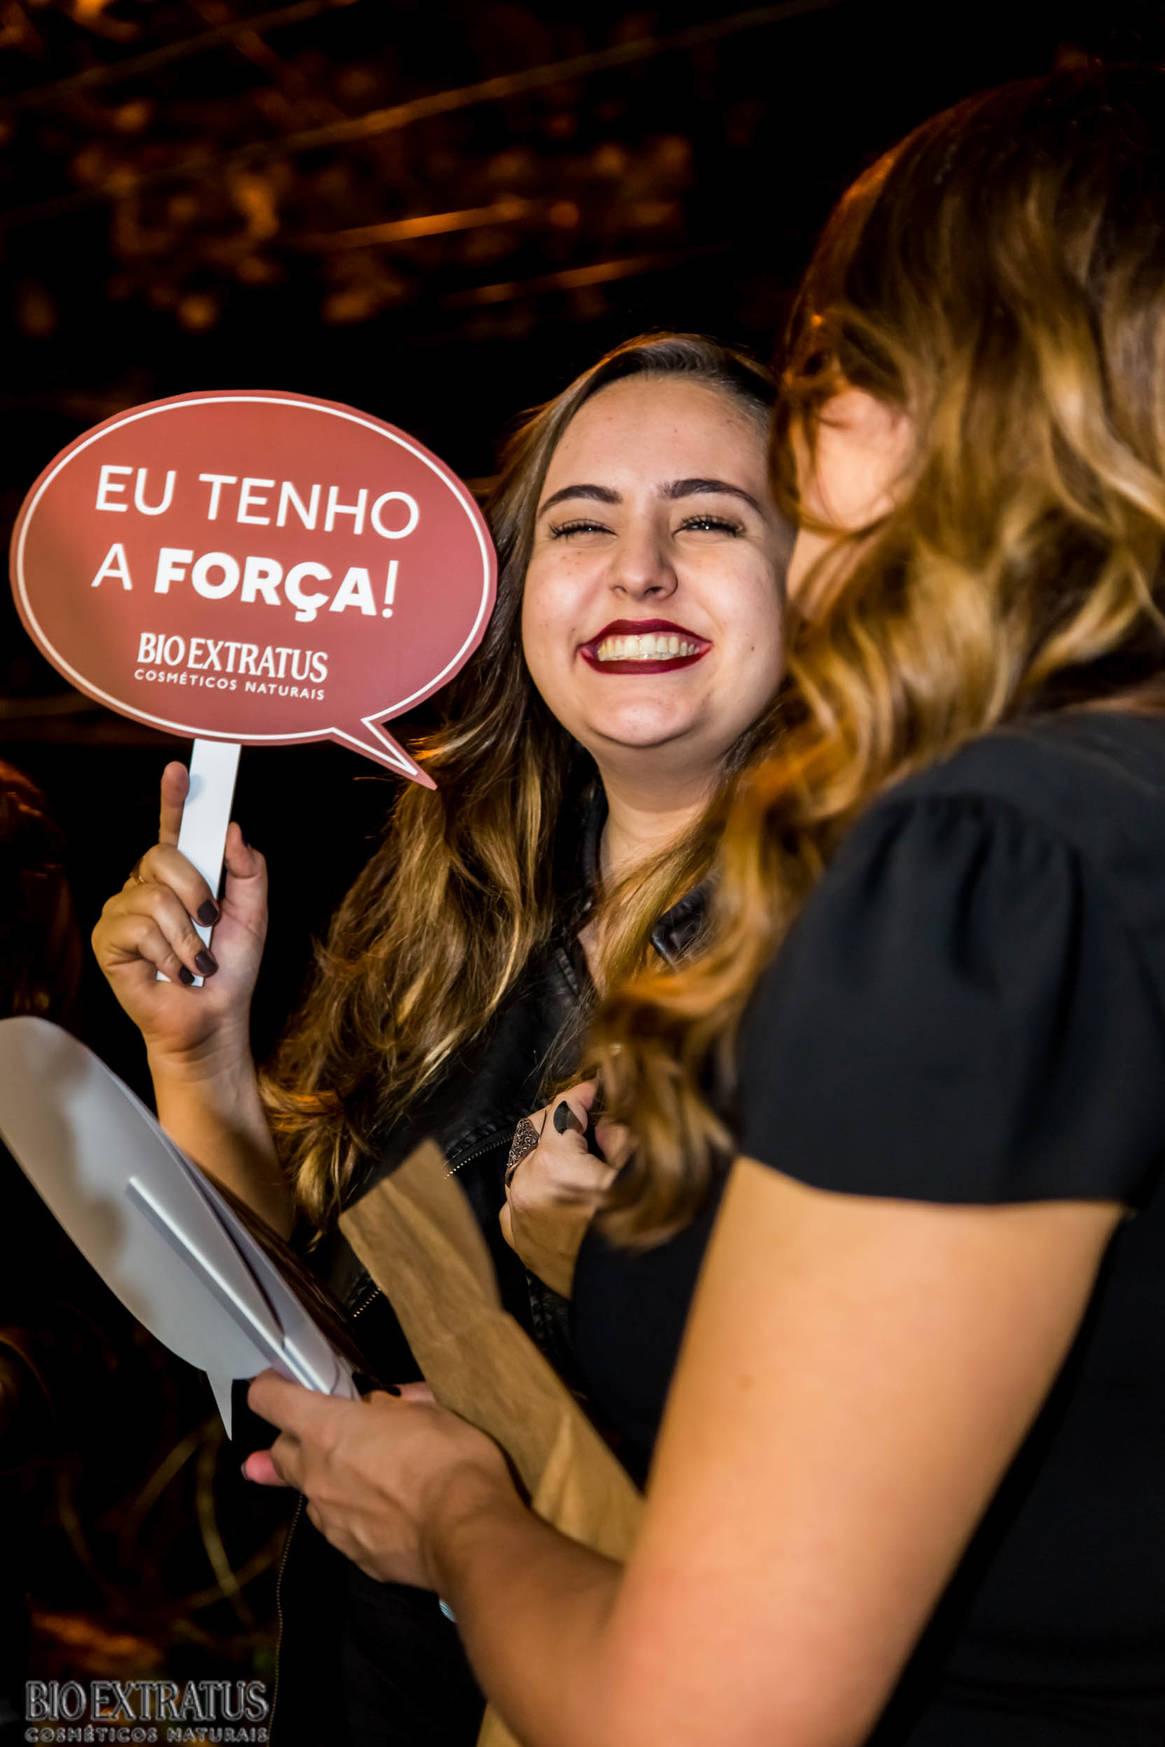 Coquetel de Lançamento da Linha Força com Pimenta em Belo Horizonte - 49